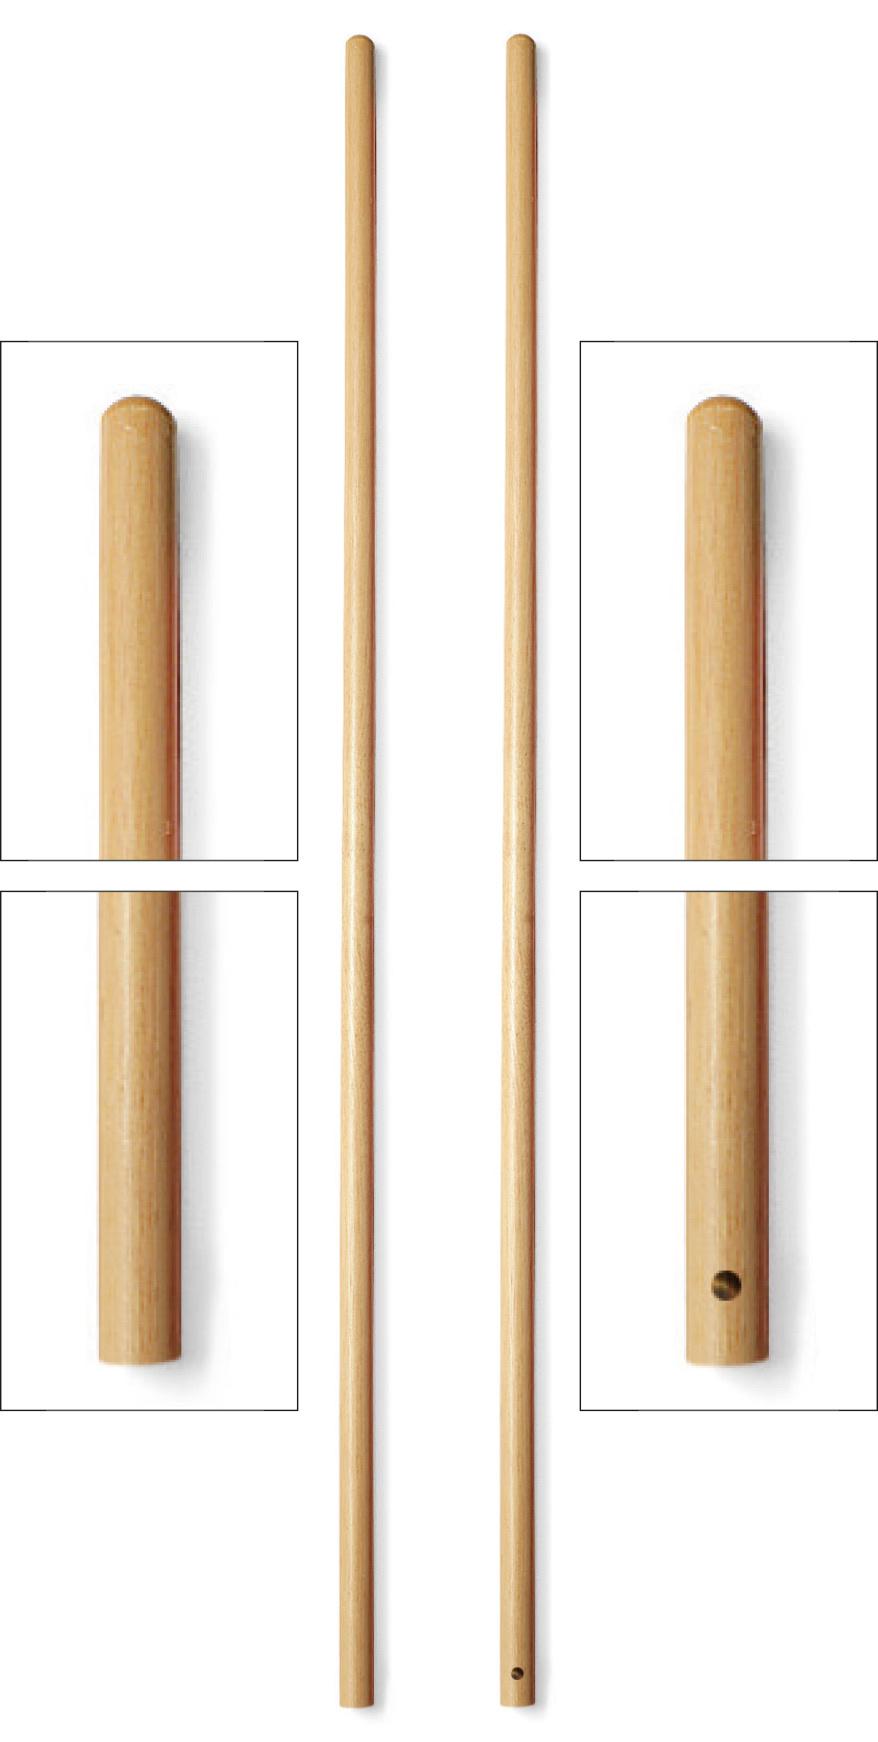 CABO DE MADEIRA 24mm - 140 cm.